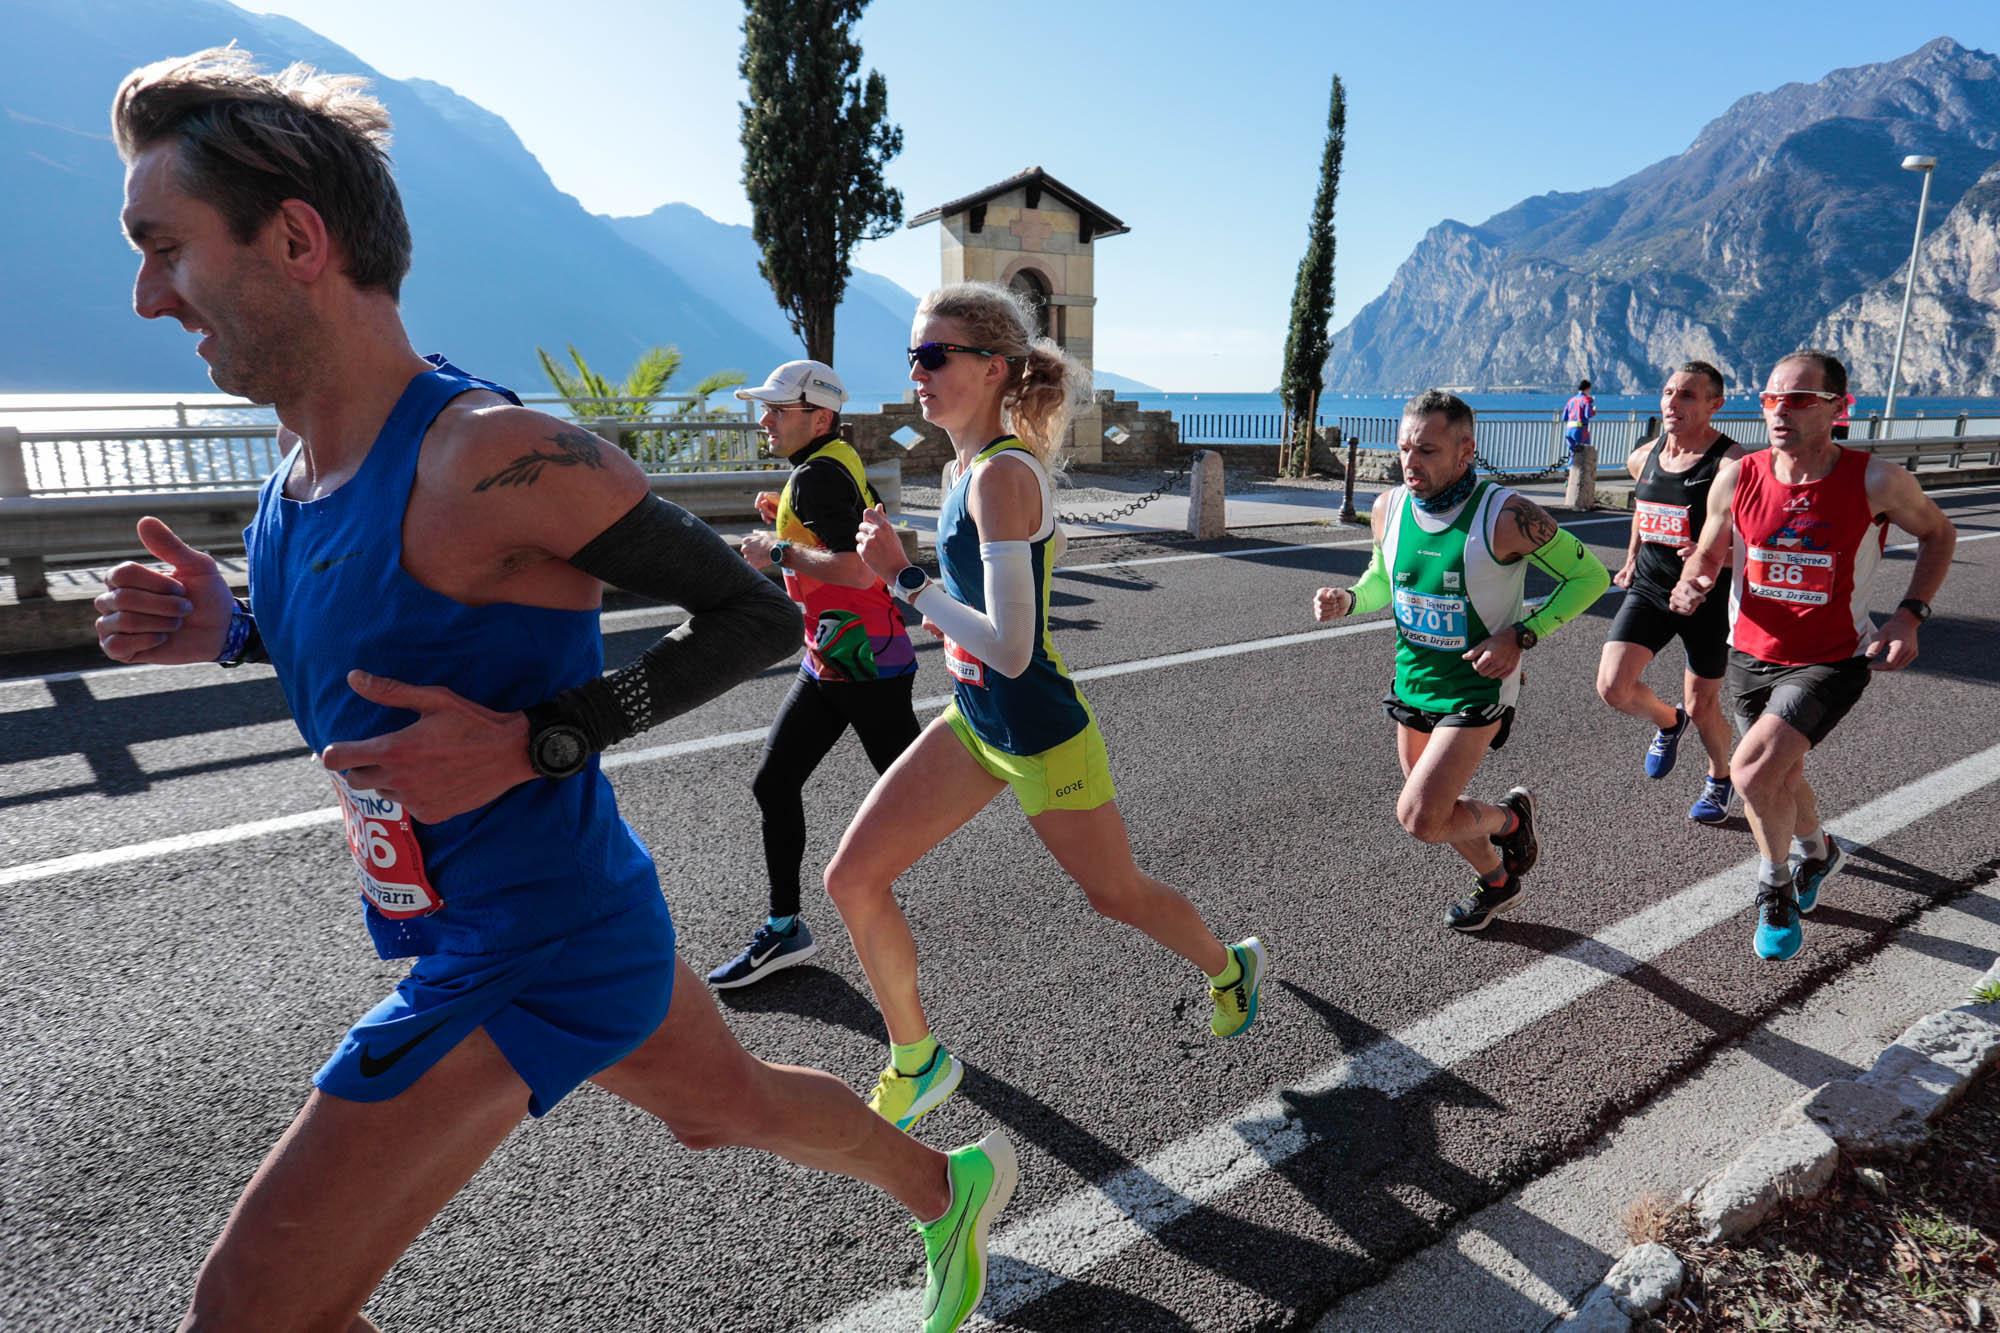 18° Garda Trentino Half Marathon - ©Matteo Bridarolli